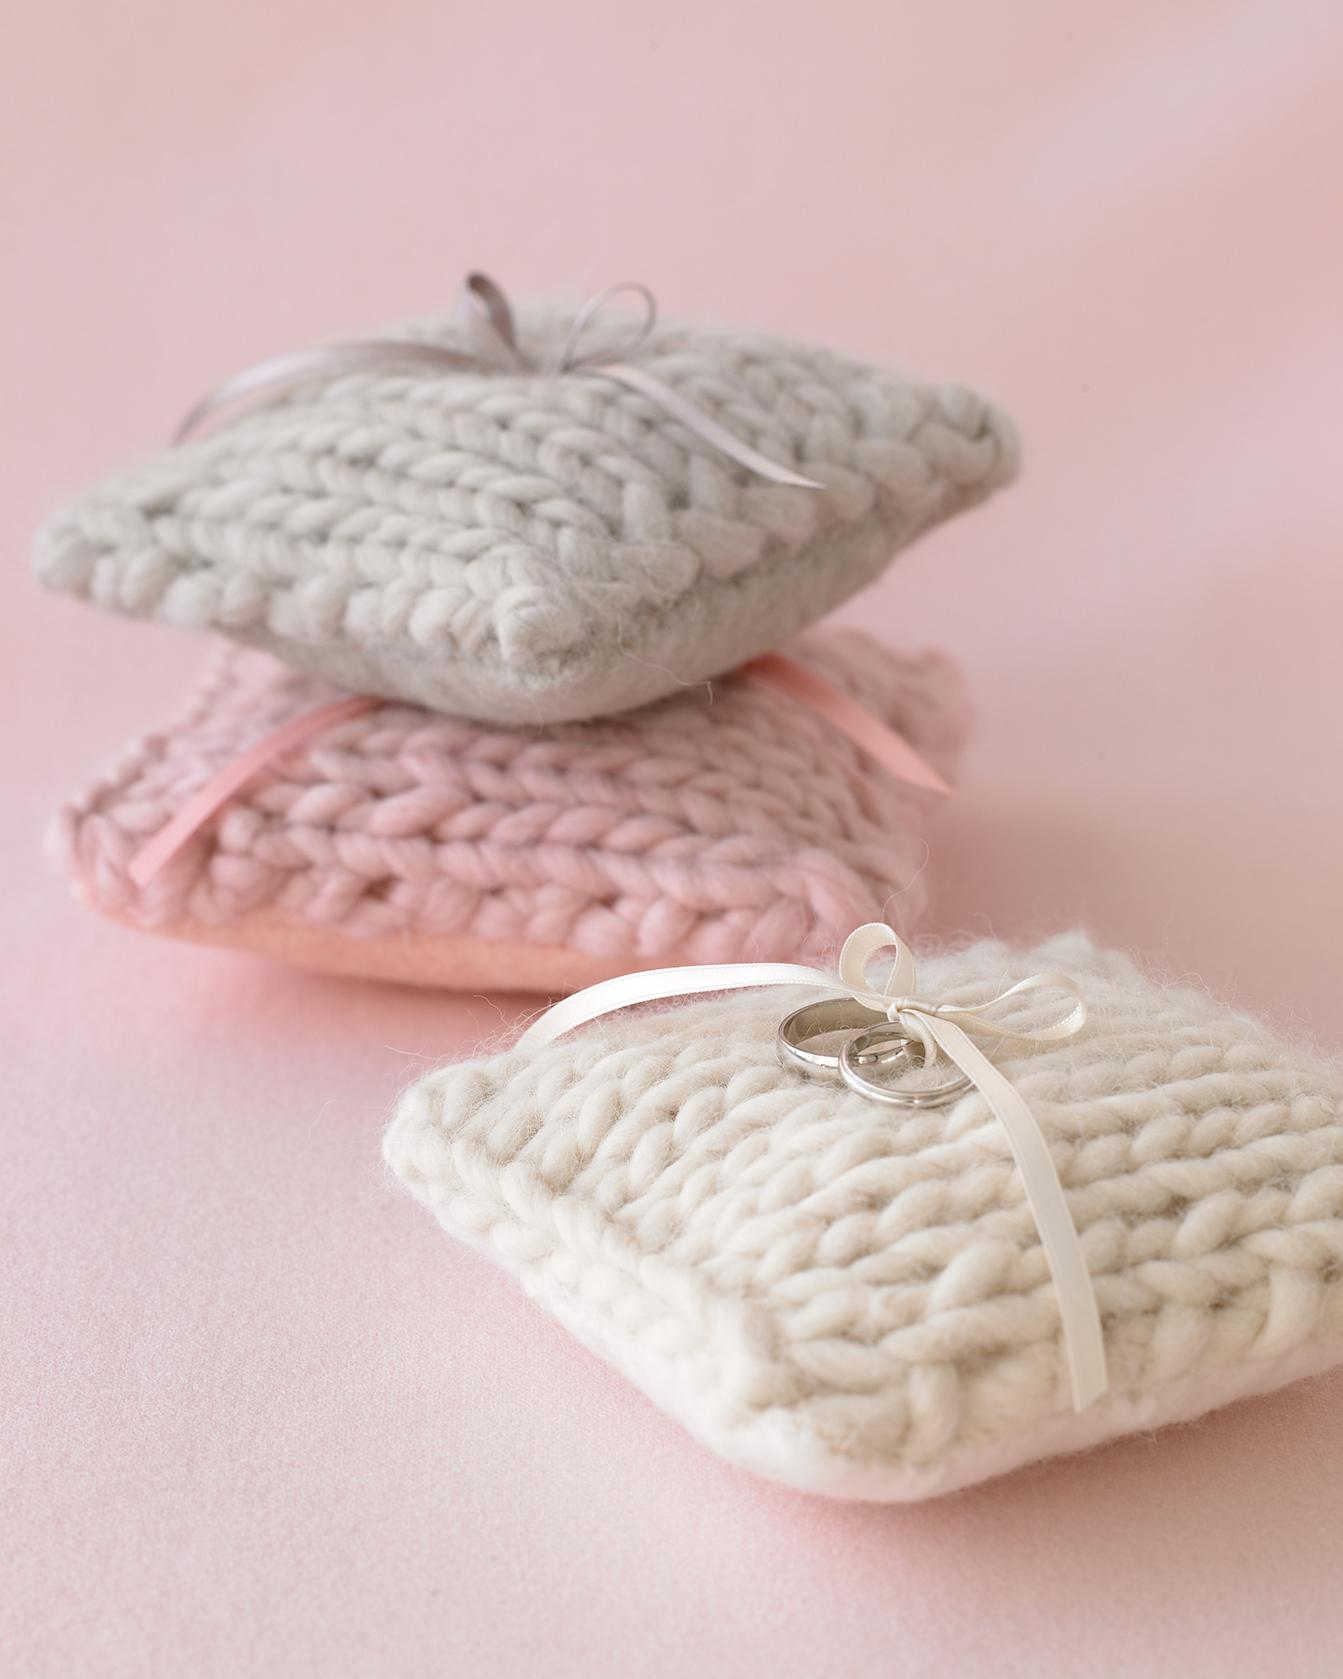 diy-winter-wedding-ideas-knit-ring-pillow-1114.jpg